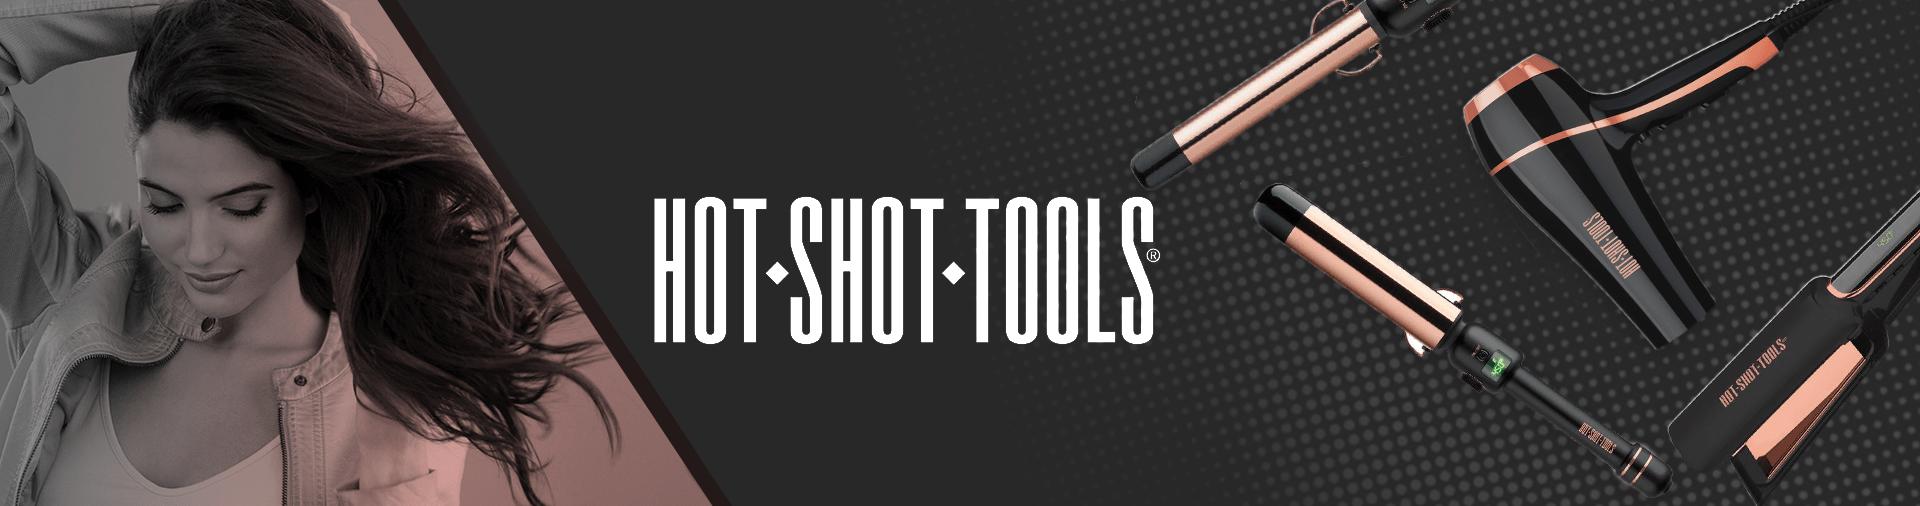 Hot Shot Tools